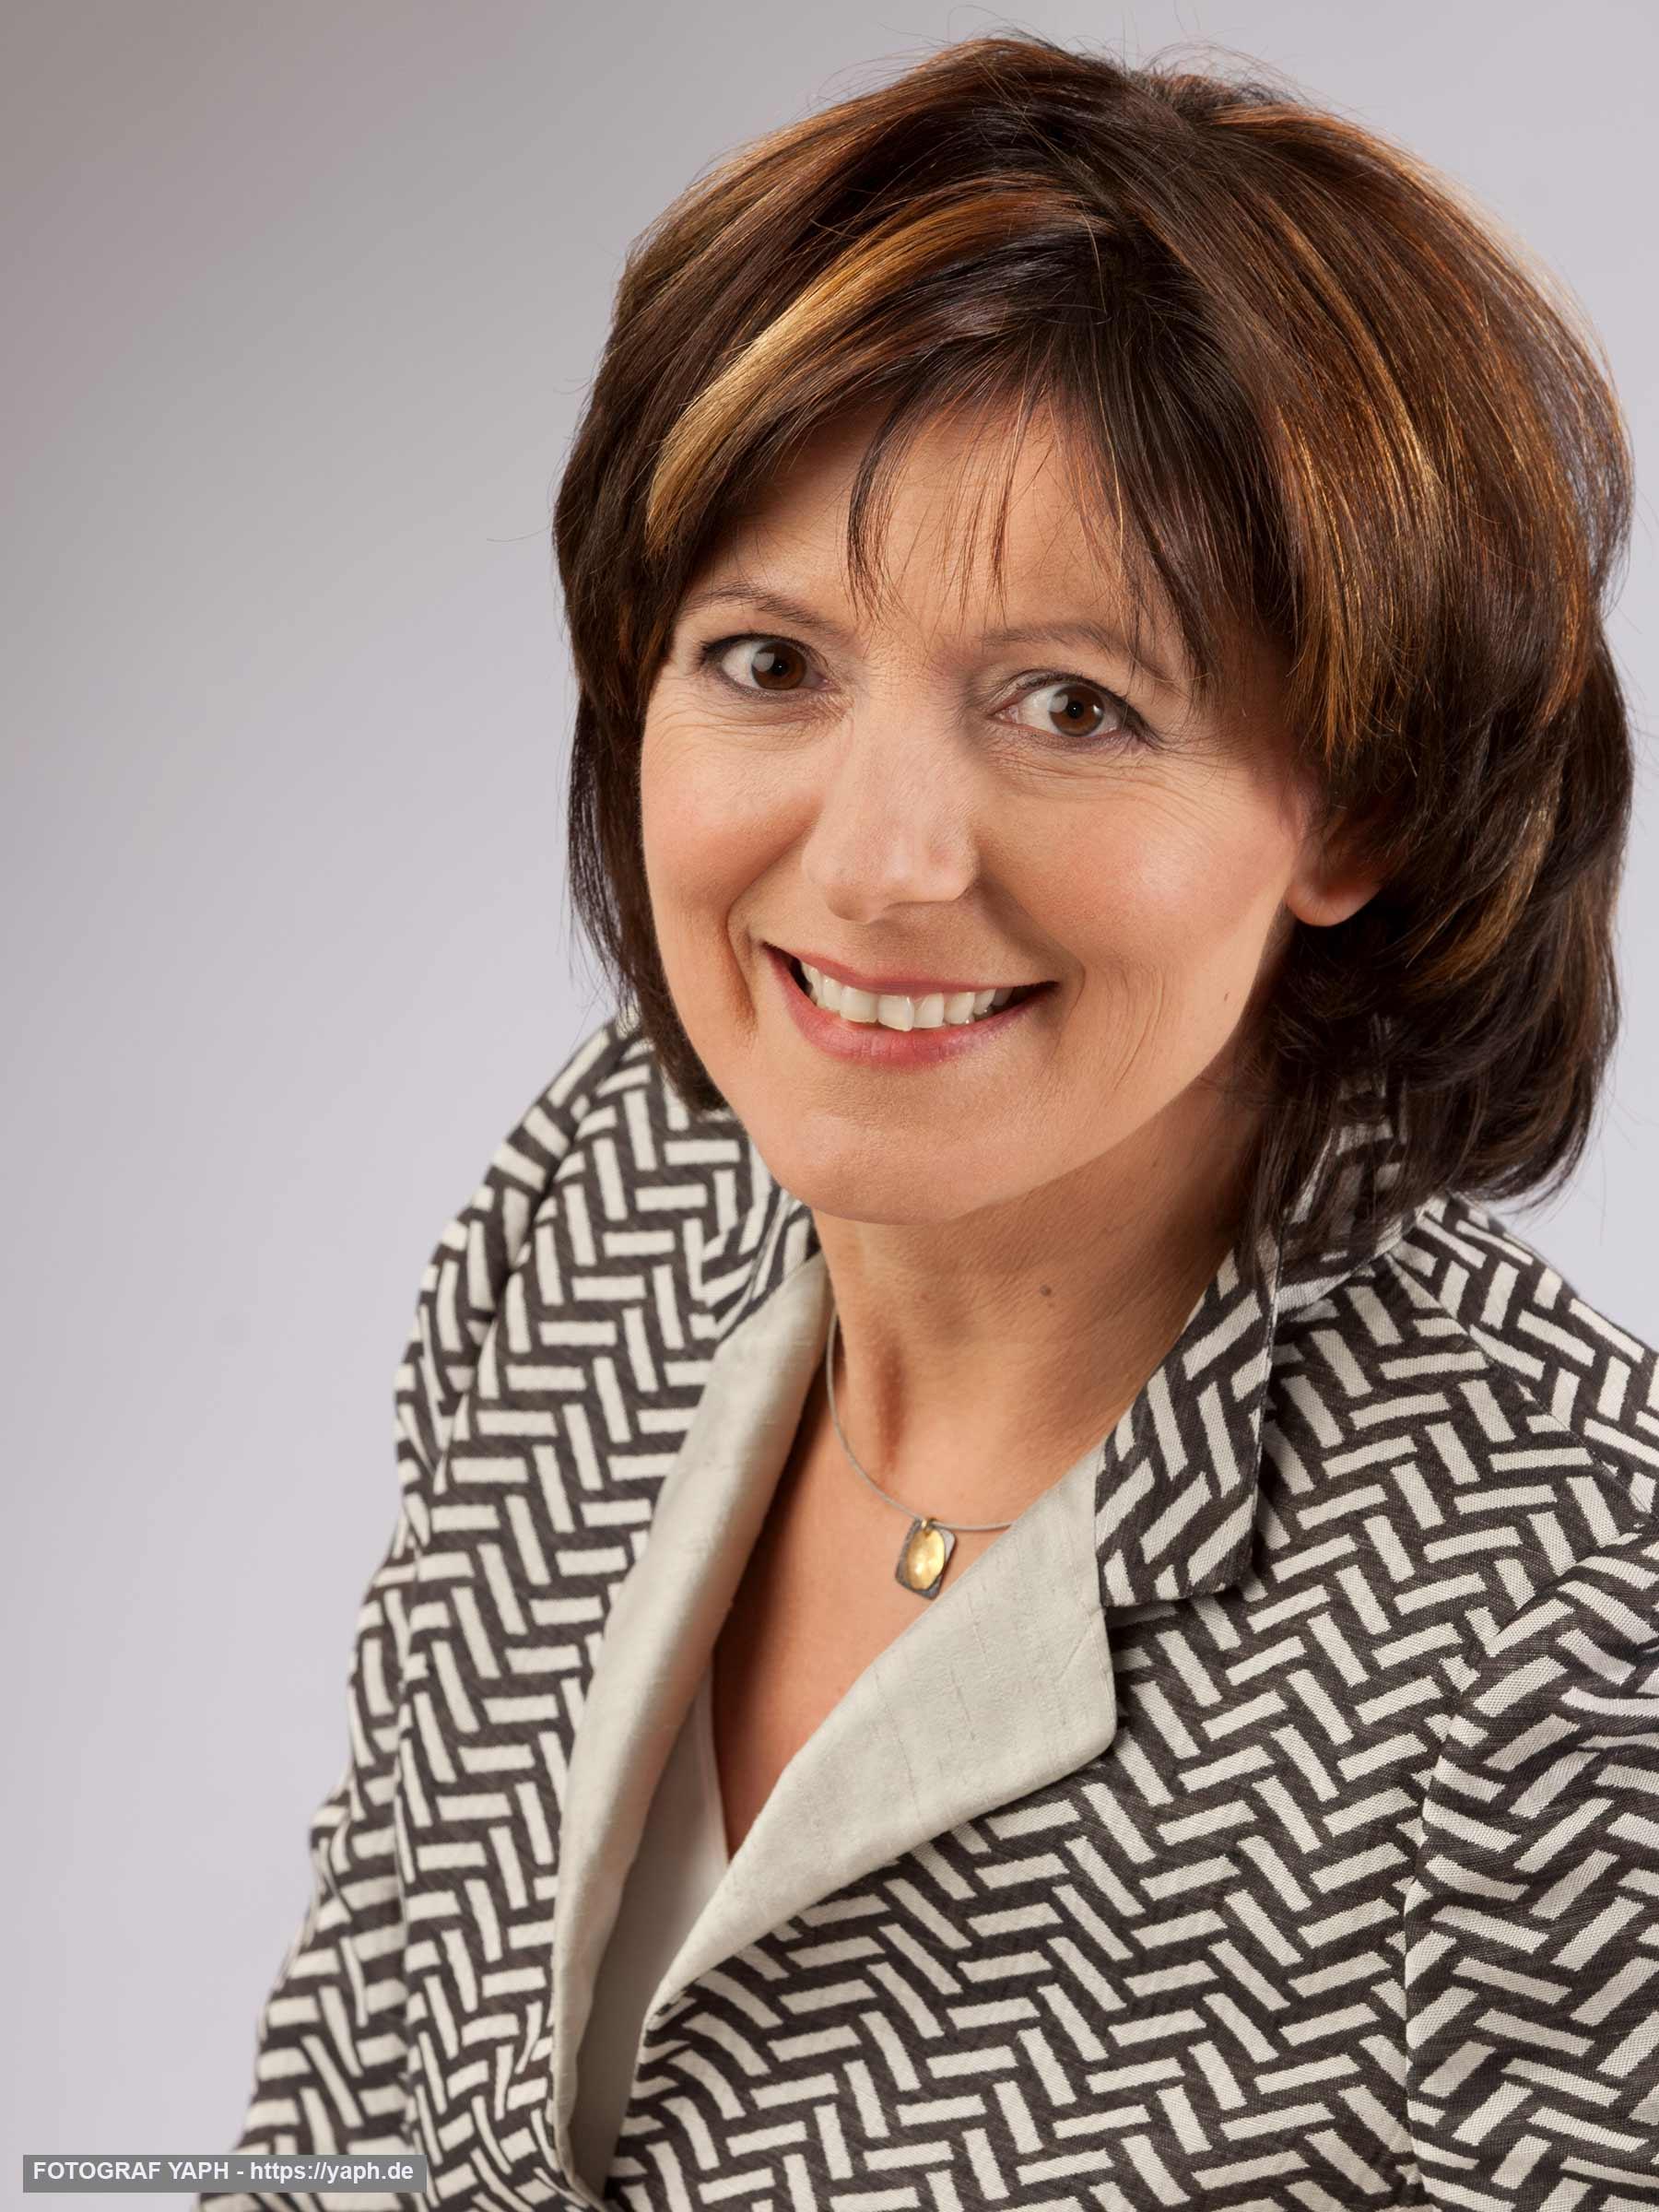 Malu Dreyer Ministerpräsidentin des Landes Rheinland-Pfalz, Portraitfotos bei Yaph Fotograf